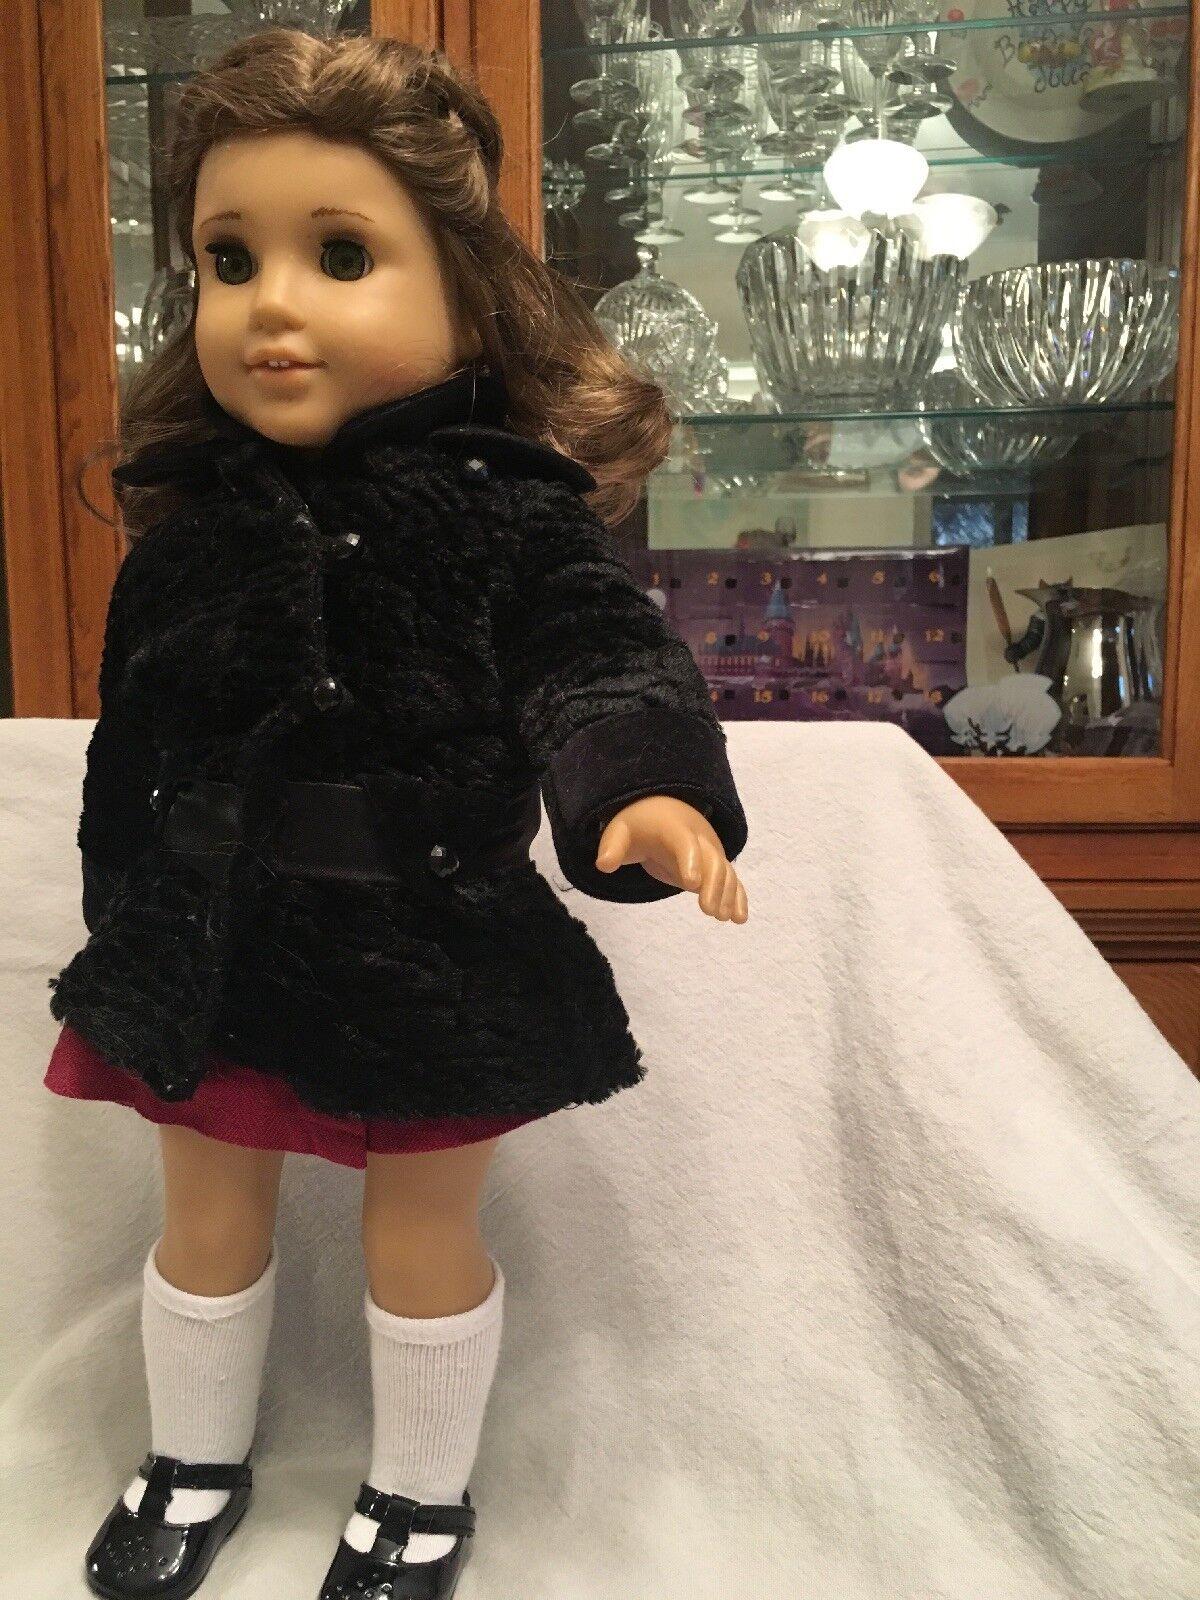 American girl doll Rebecca Rubin 18